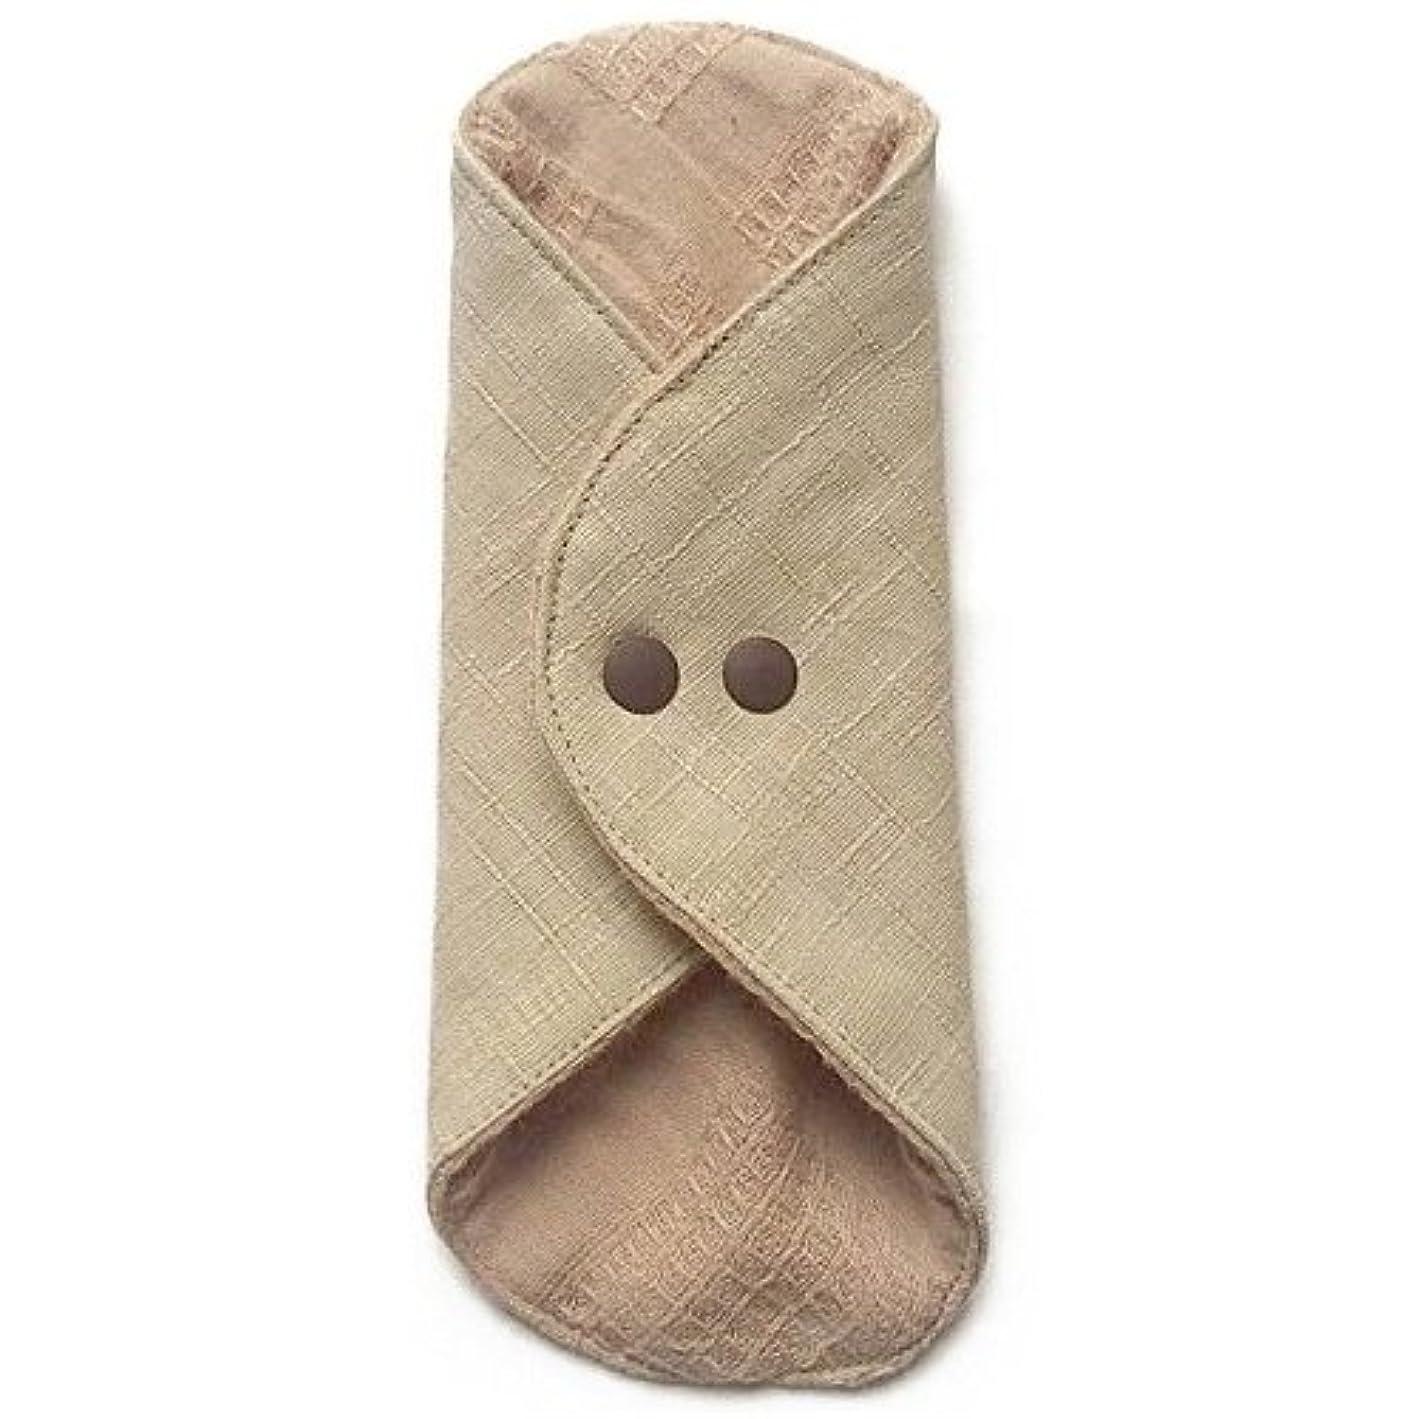 マンハッタン静脈ぬるい華布のオーガニックコットンのあたため布 Mサイズ(約15×約15cm) 彩り(百合)